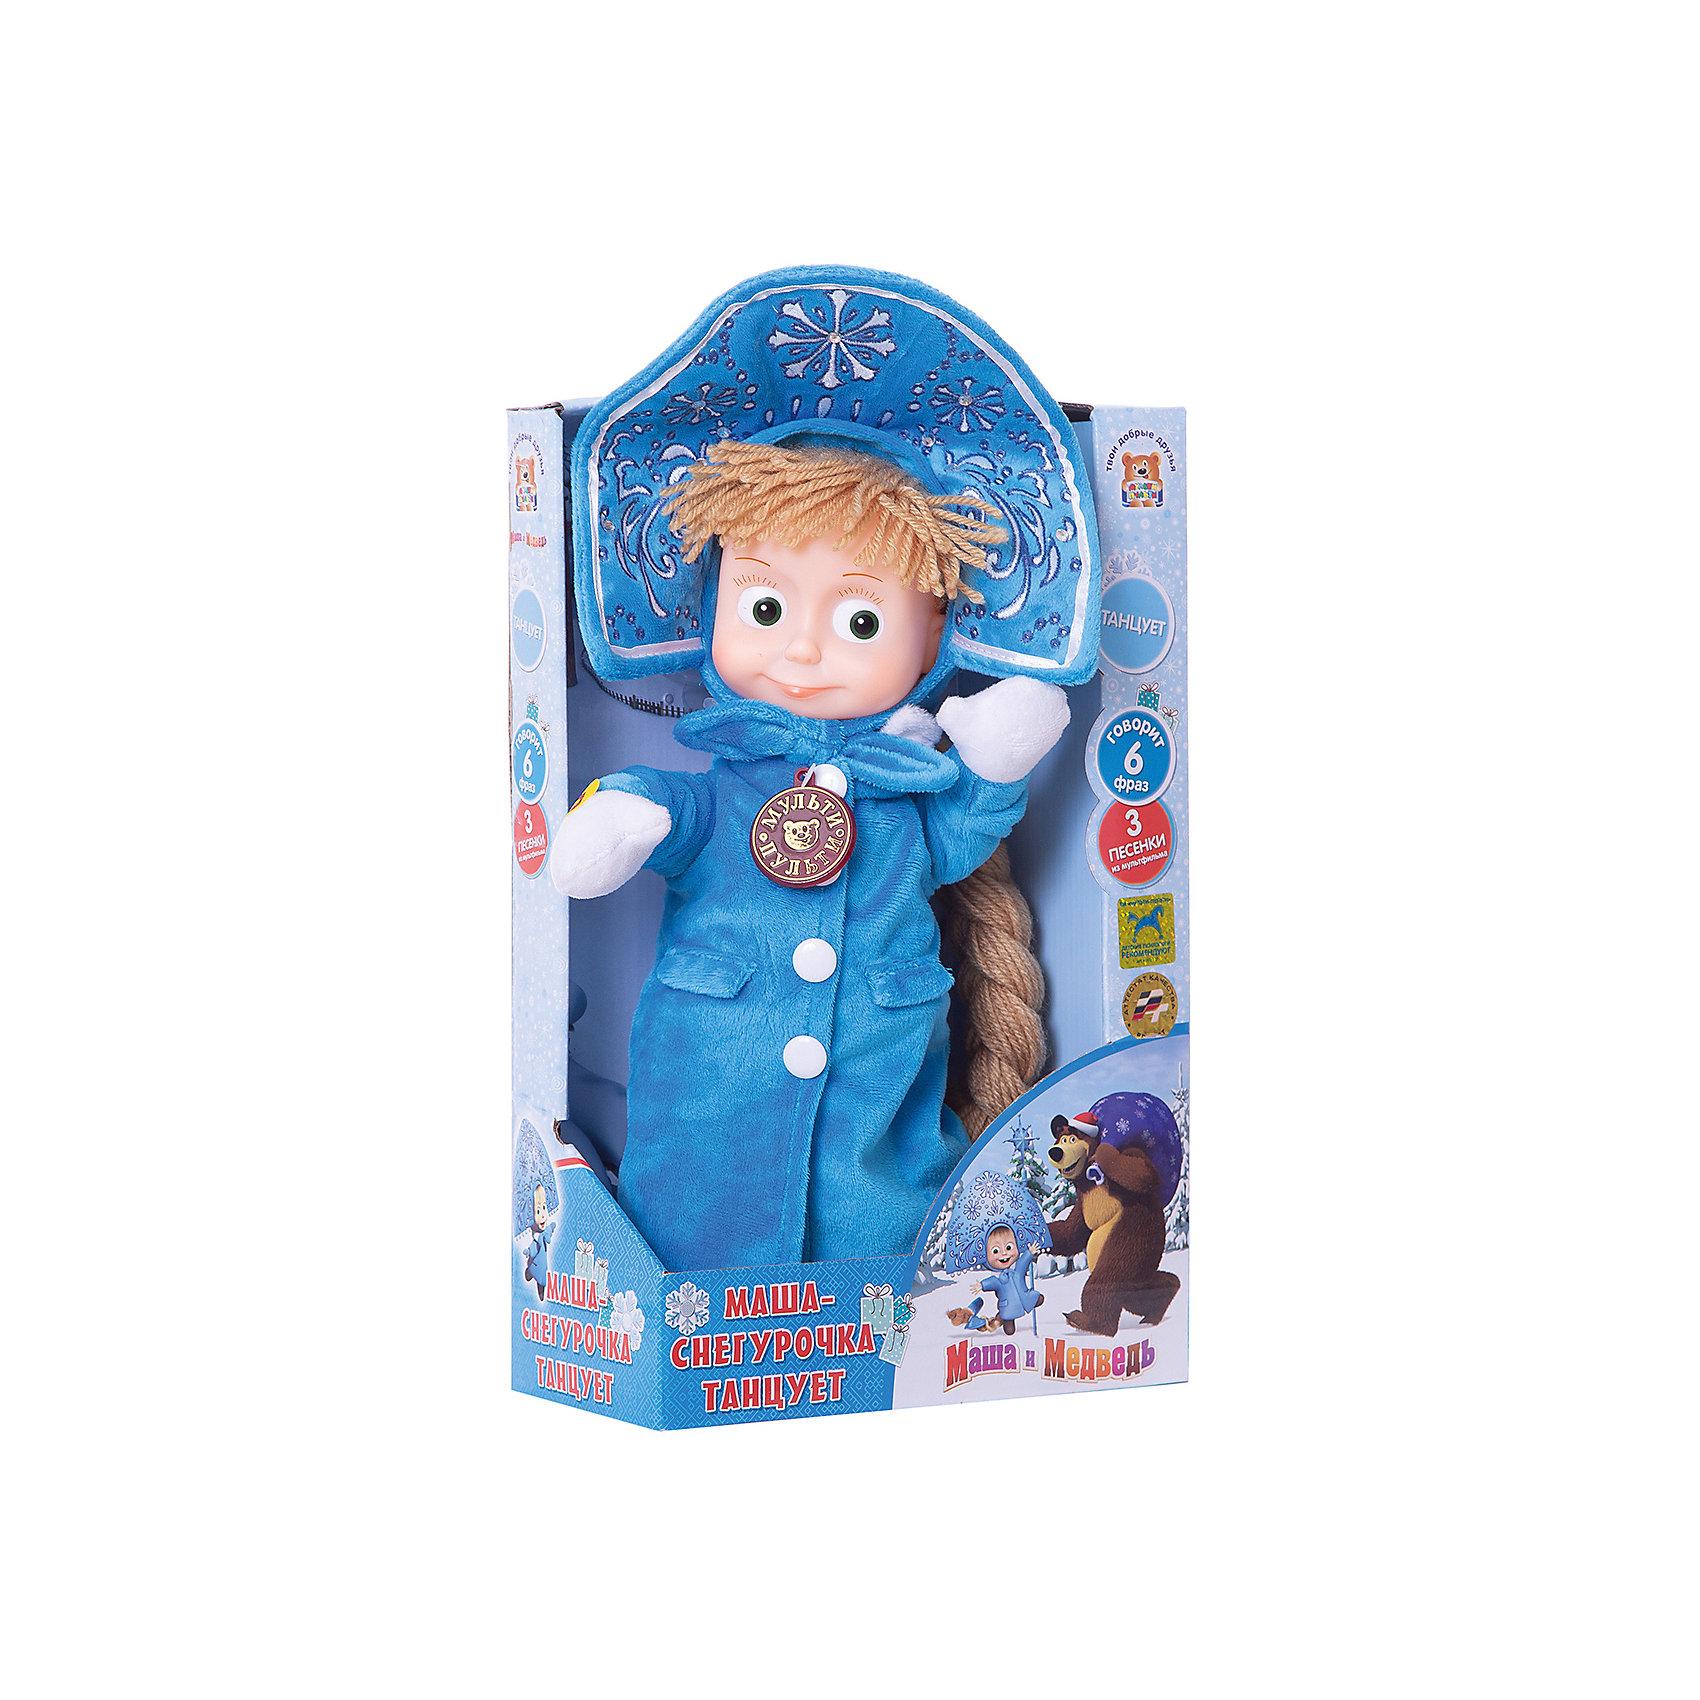 Мягкая игрушка Маша-снегурочка, Маша и Медведь, МУЛЬТИ-ПУЛЬТИМягкие куклы<br>Эта очаровательная кукла приведет в восторг любую девочку! Она выполнена в виде героини мультфильма Маша и Медведь, озорной девочки - Маши. Кукла одета в наряд Снегурочки - голубое пальто и голубой кокошник. Маша-Снегурочка произносит забавные фразы, поет песенки из мультсериала и даже танцует. <br><br>Дополнительная информация: <br><br>- Материал: пластик, текстиль.<br>- Размер: 29 см.<br>- Поет песню, говорит фразы из мультфильма.<br>- Танцует. <br>- Элемент питания: 3 батарейки типа LR44 (в комплекте). <br><br>Мягкую игрушку Маша-Снегурочка, Маша и Медведь, МУЛЬТИ-ПУЛЬТИ, можно купить в нашем магазине.<br><br>Ширина мм: 220<br>Глубина мм: 350<br>Высота мм: 110<br>Вес г: 750<br>Возраст от месяцев: 36<br>Возраст до месяцев: 120<br>Пол: Женский<br>Возраст: Детский<br>SKU: 4357023